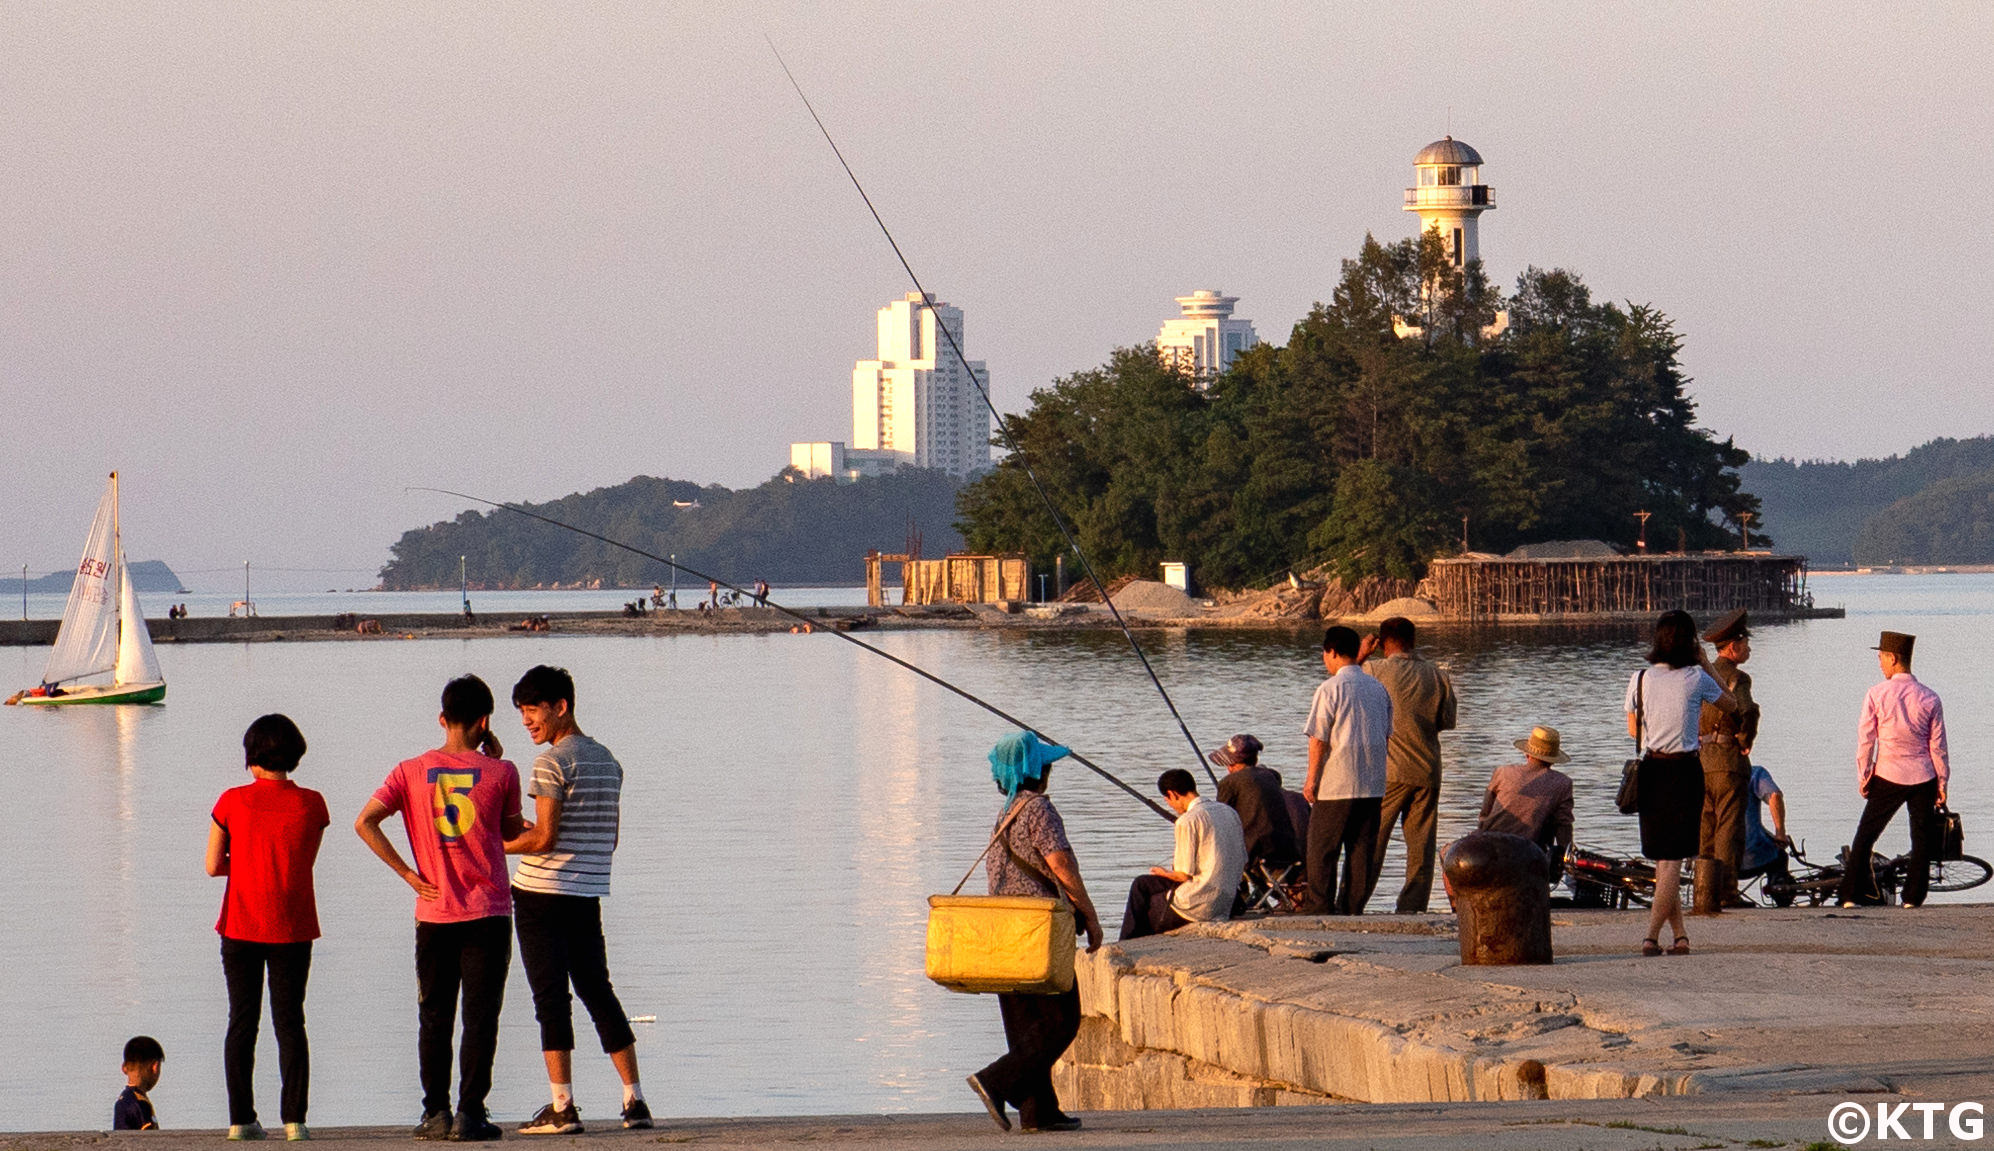 Paseo por el puerto de la ciudad de Wonsan en Corea del Norte (RPDC) con viajes KTG. Puede ver el islote Jangdak de fondo